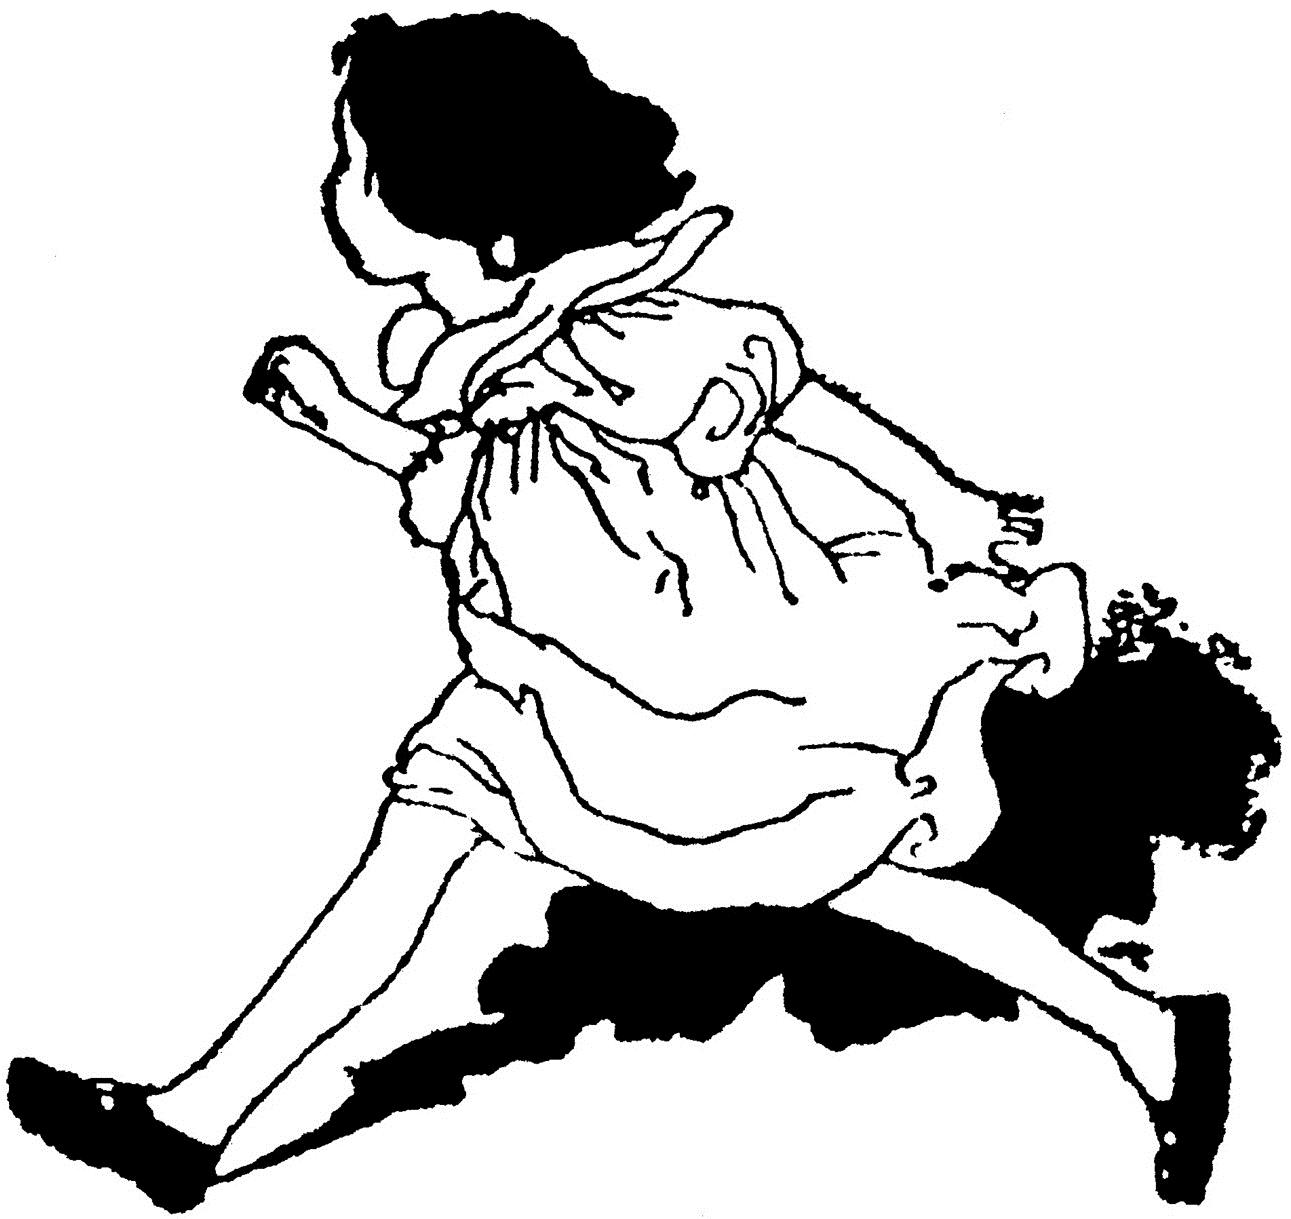 Мир в картинках. Люис Кэрролл. Алиса в Стране чудес